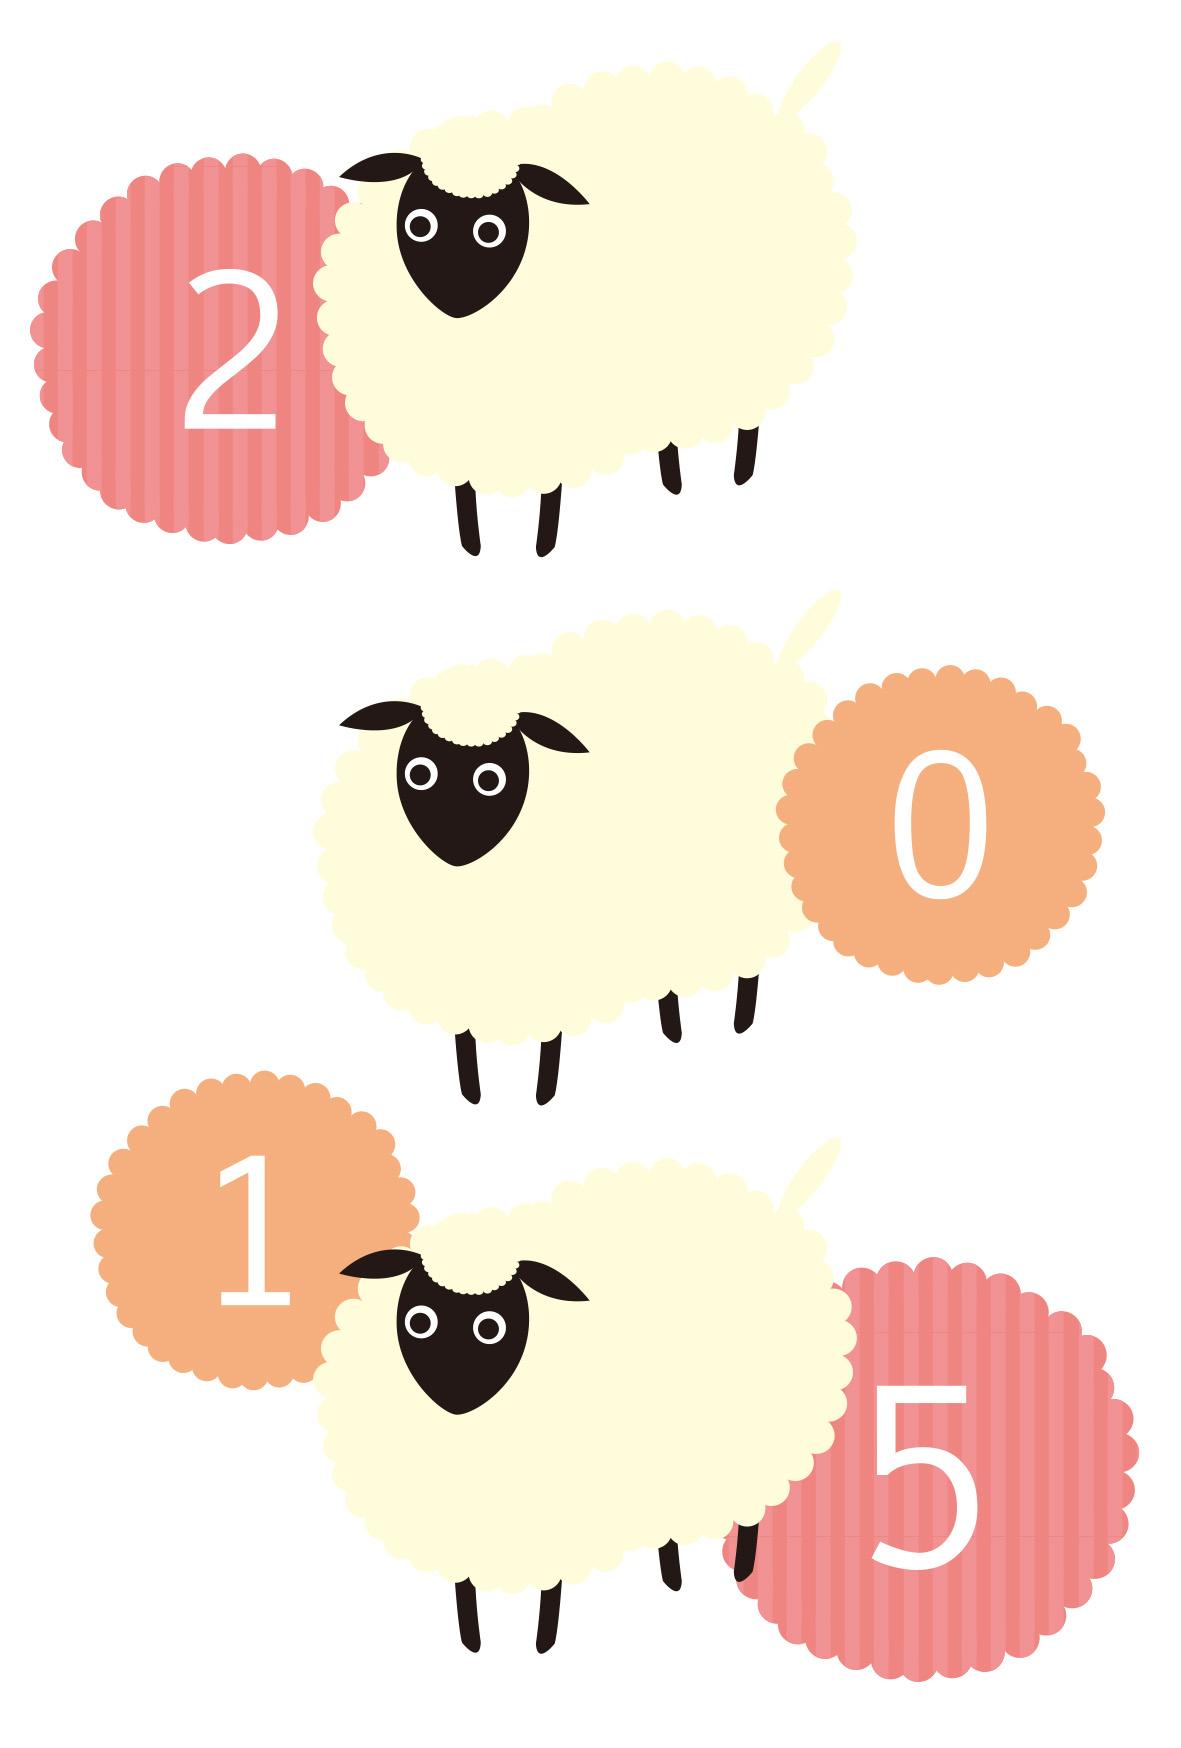 キョロキョロ羊 年賀状15無料イラスト素材集